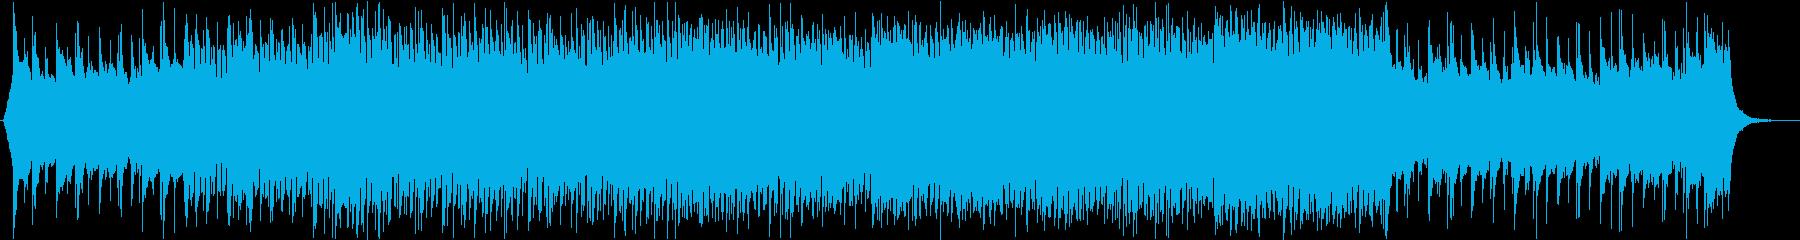 スタイリッシュな和風EDMの再生済みの波形